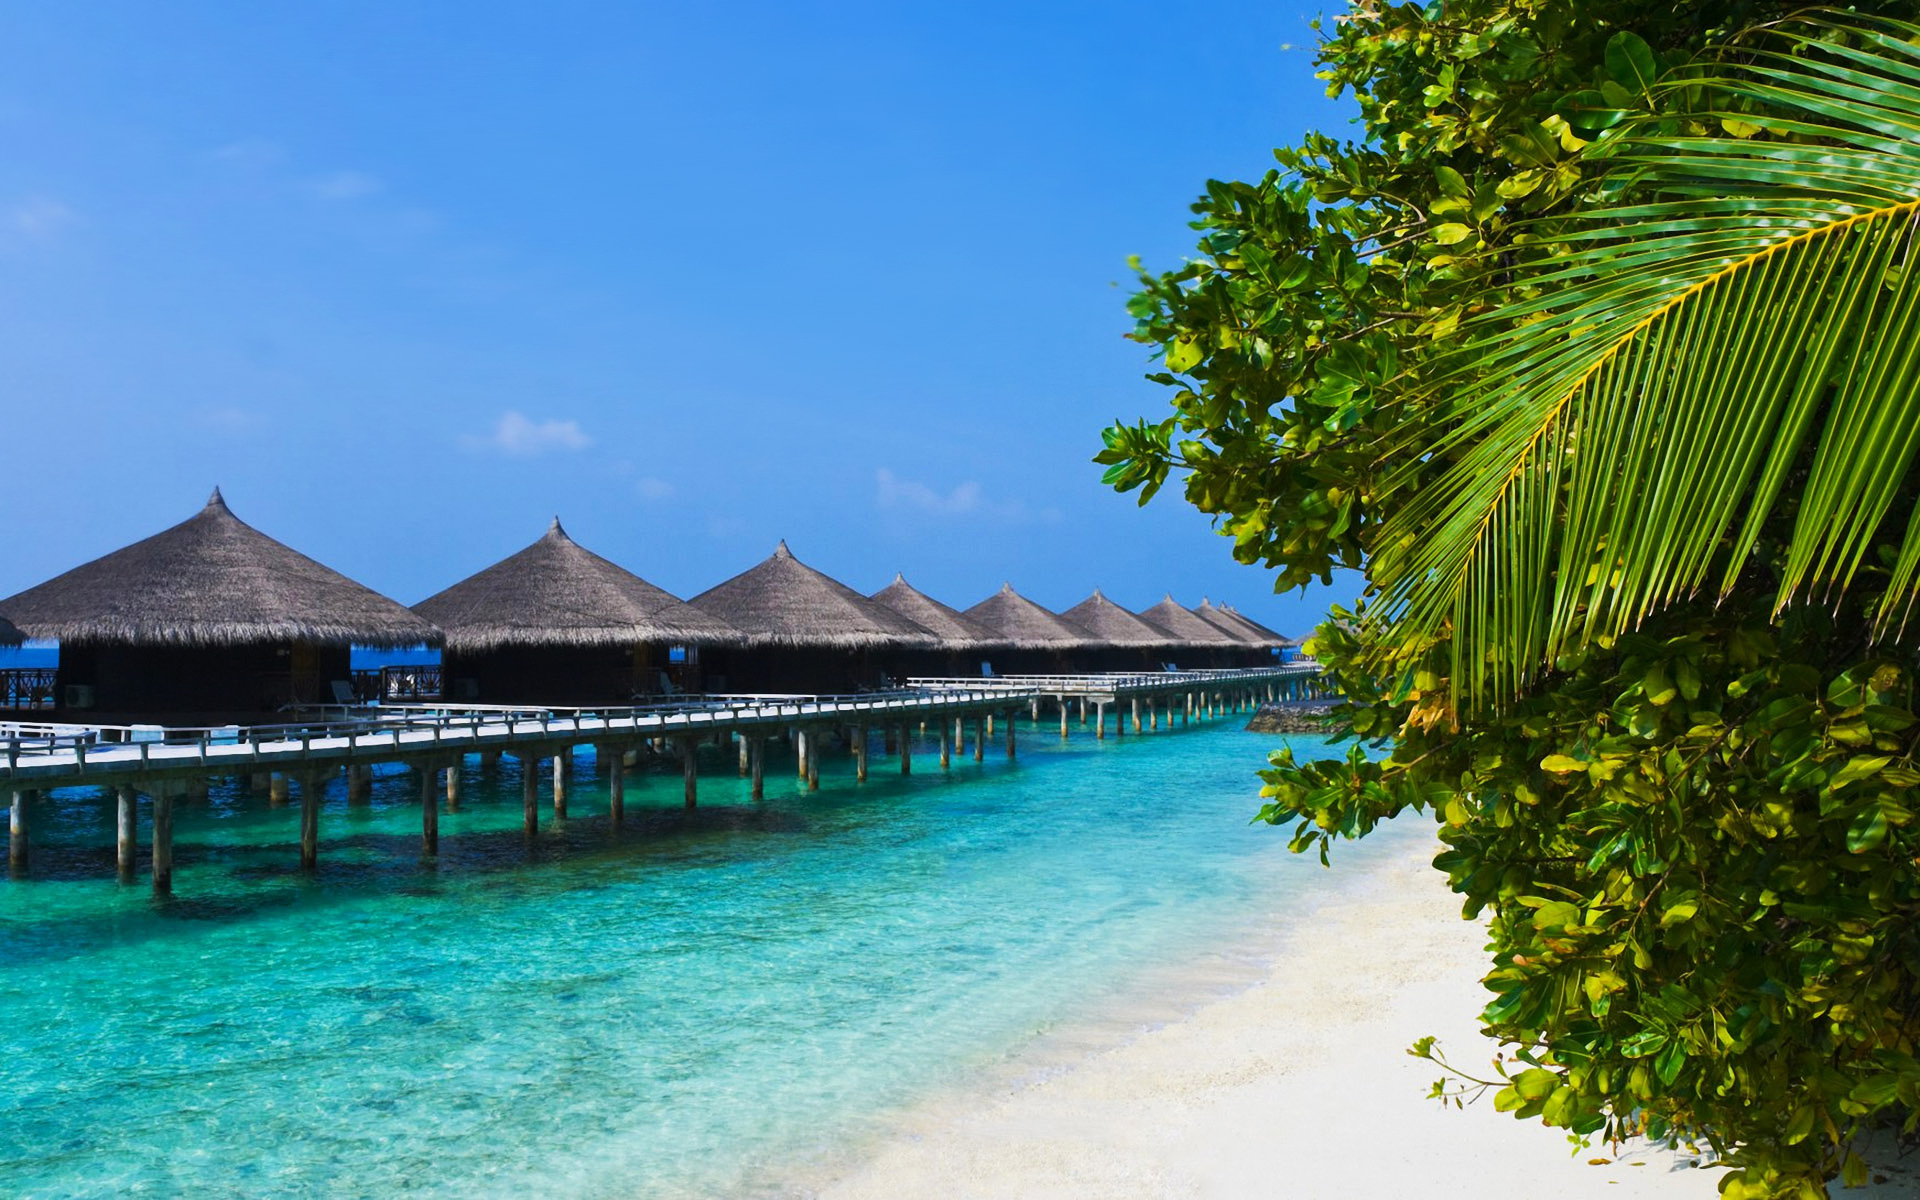 Tropical Beach Desktop Backgrounds HD wallpaper background 1920x1200